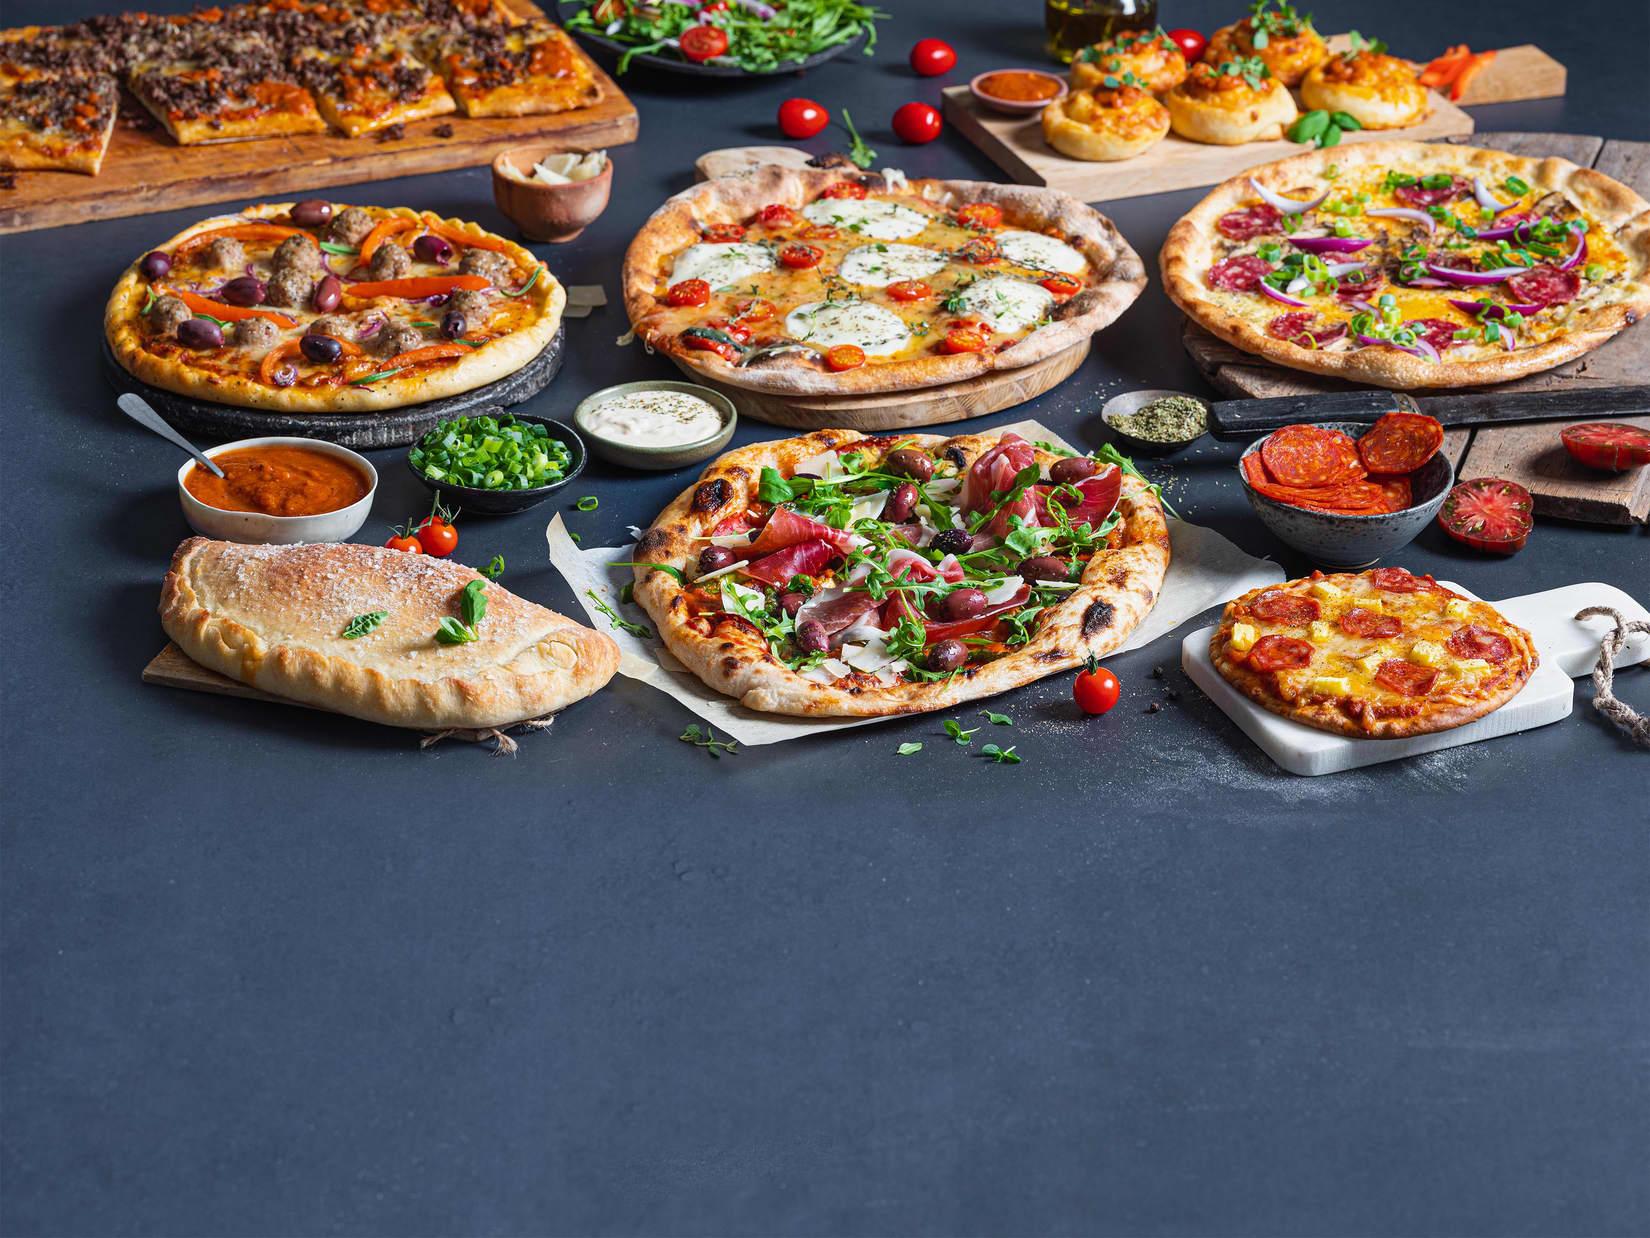 Alt til pizzakvelden